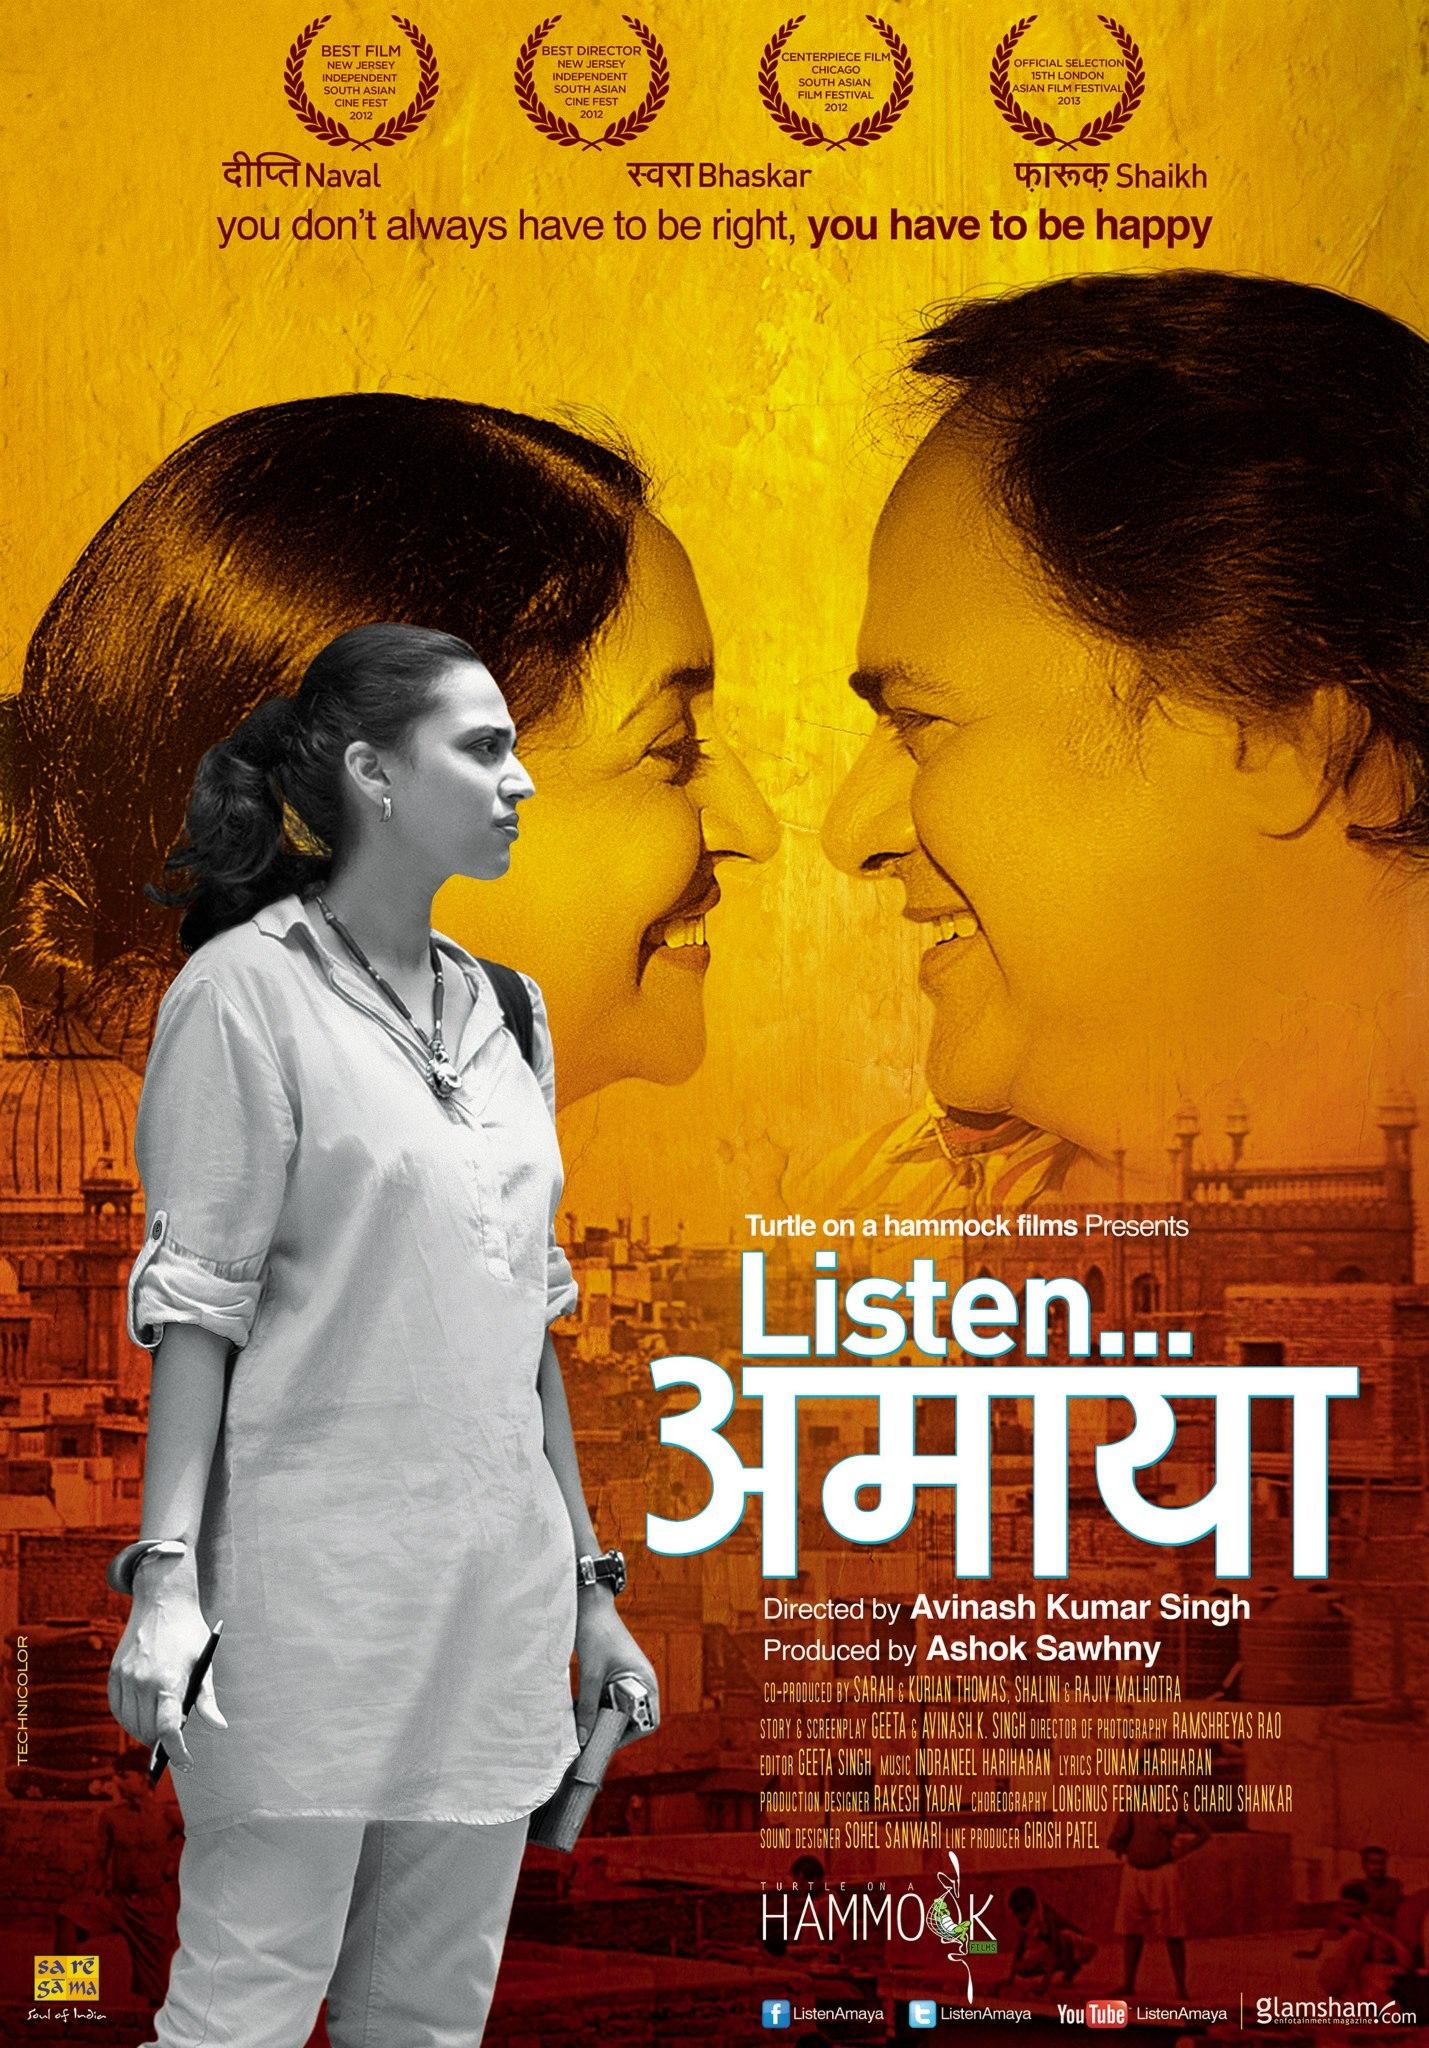 Listen Amaya - Movie Poster #2 (Original)